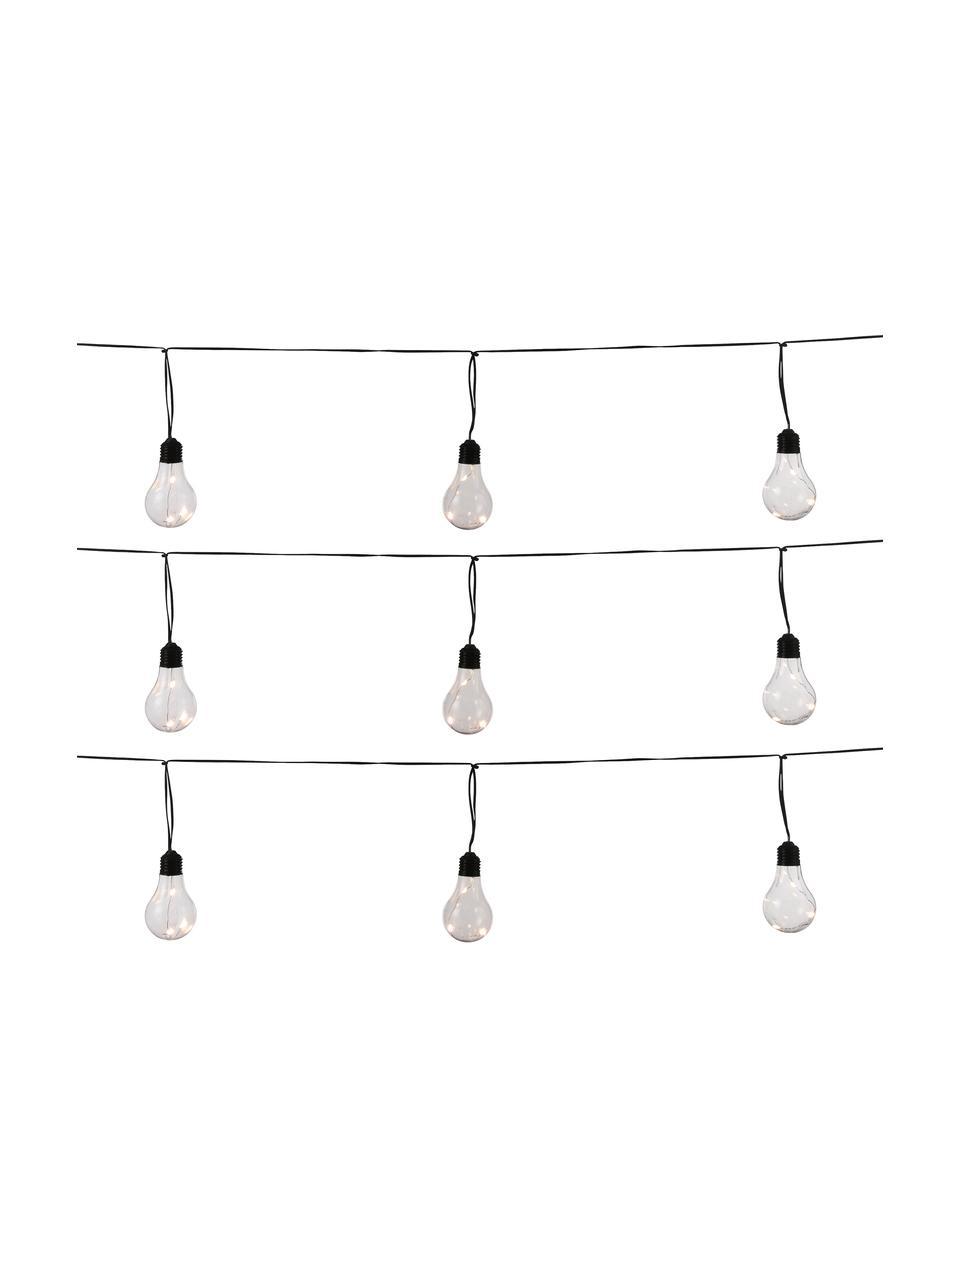 LED-Lichterkette Partytime, 800 cm, 10 Lampions, Lampions: Kunststoff, Schwarz, Transparent, L 800 cm